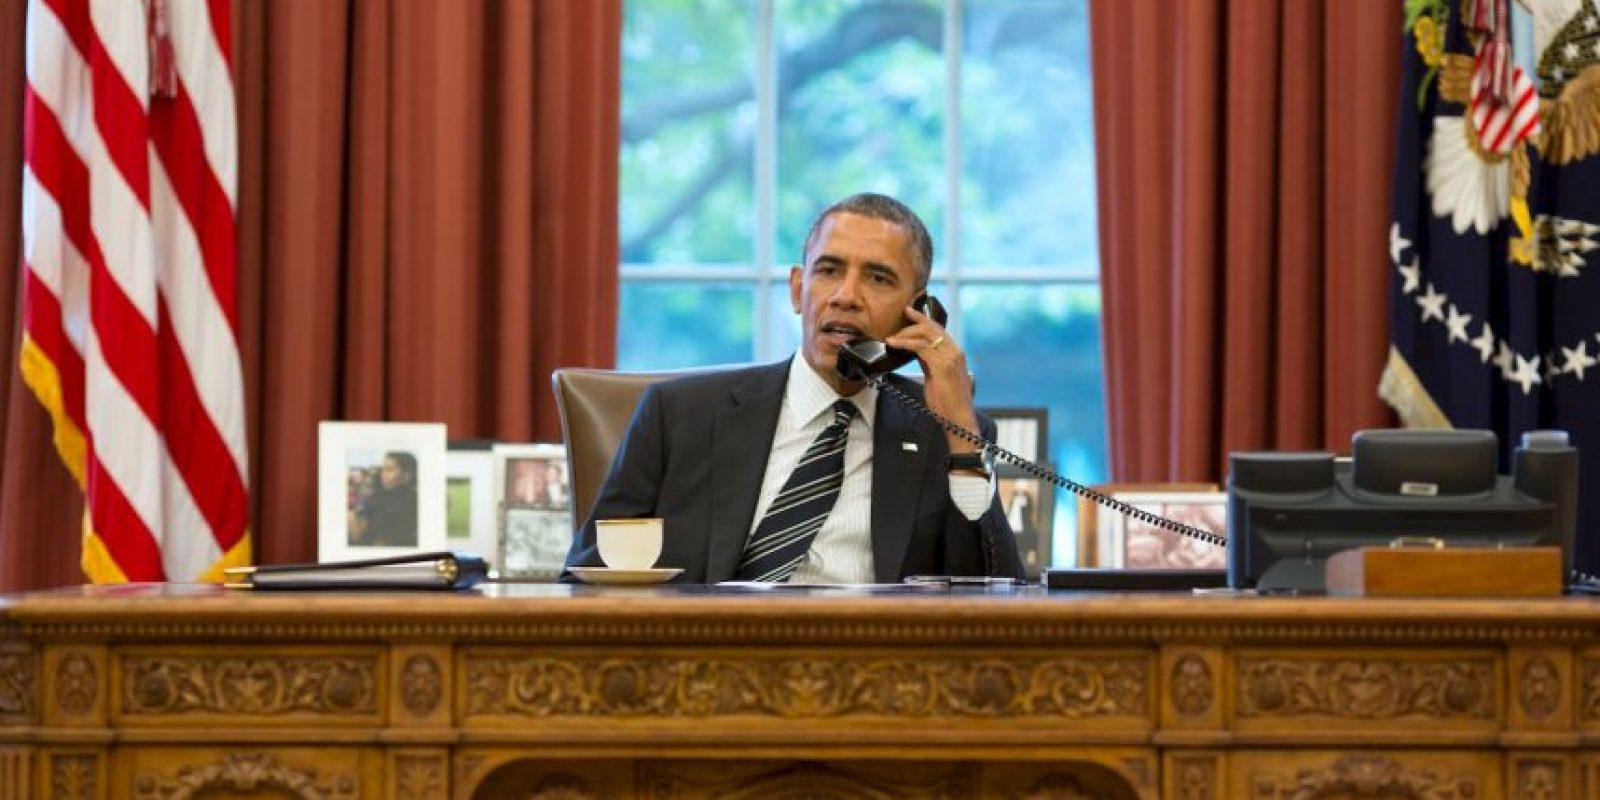 Debido a esta situación Obama ofreció una disculpa a Joanne Liu, presidenta de MSF. Foto:Getty Images